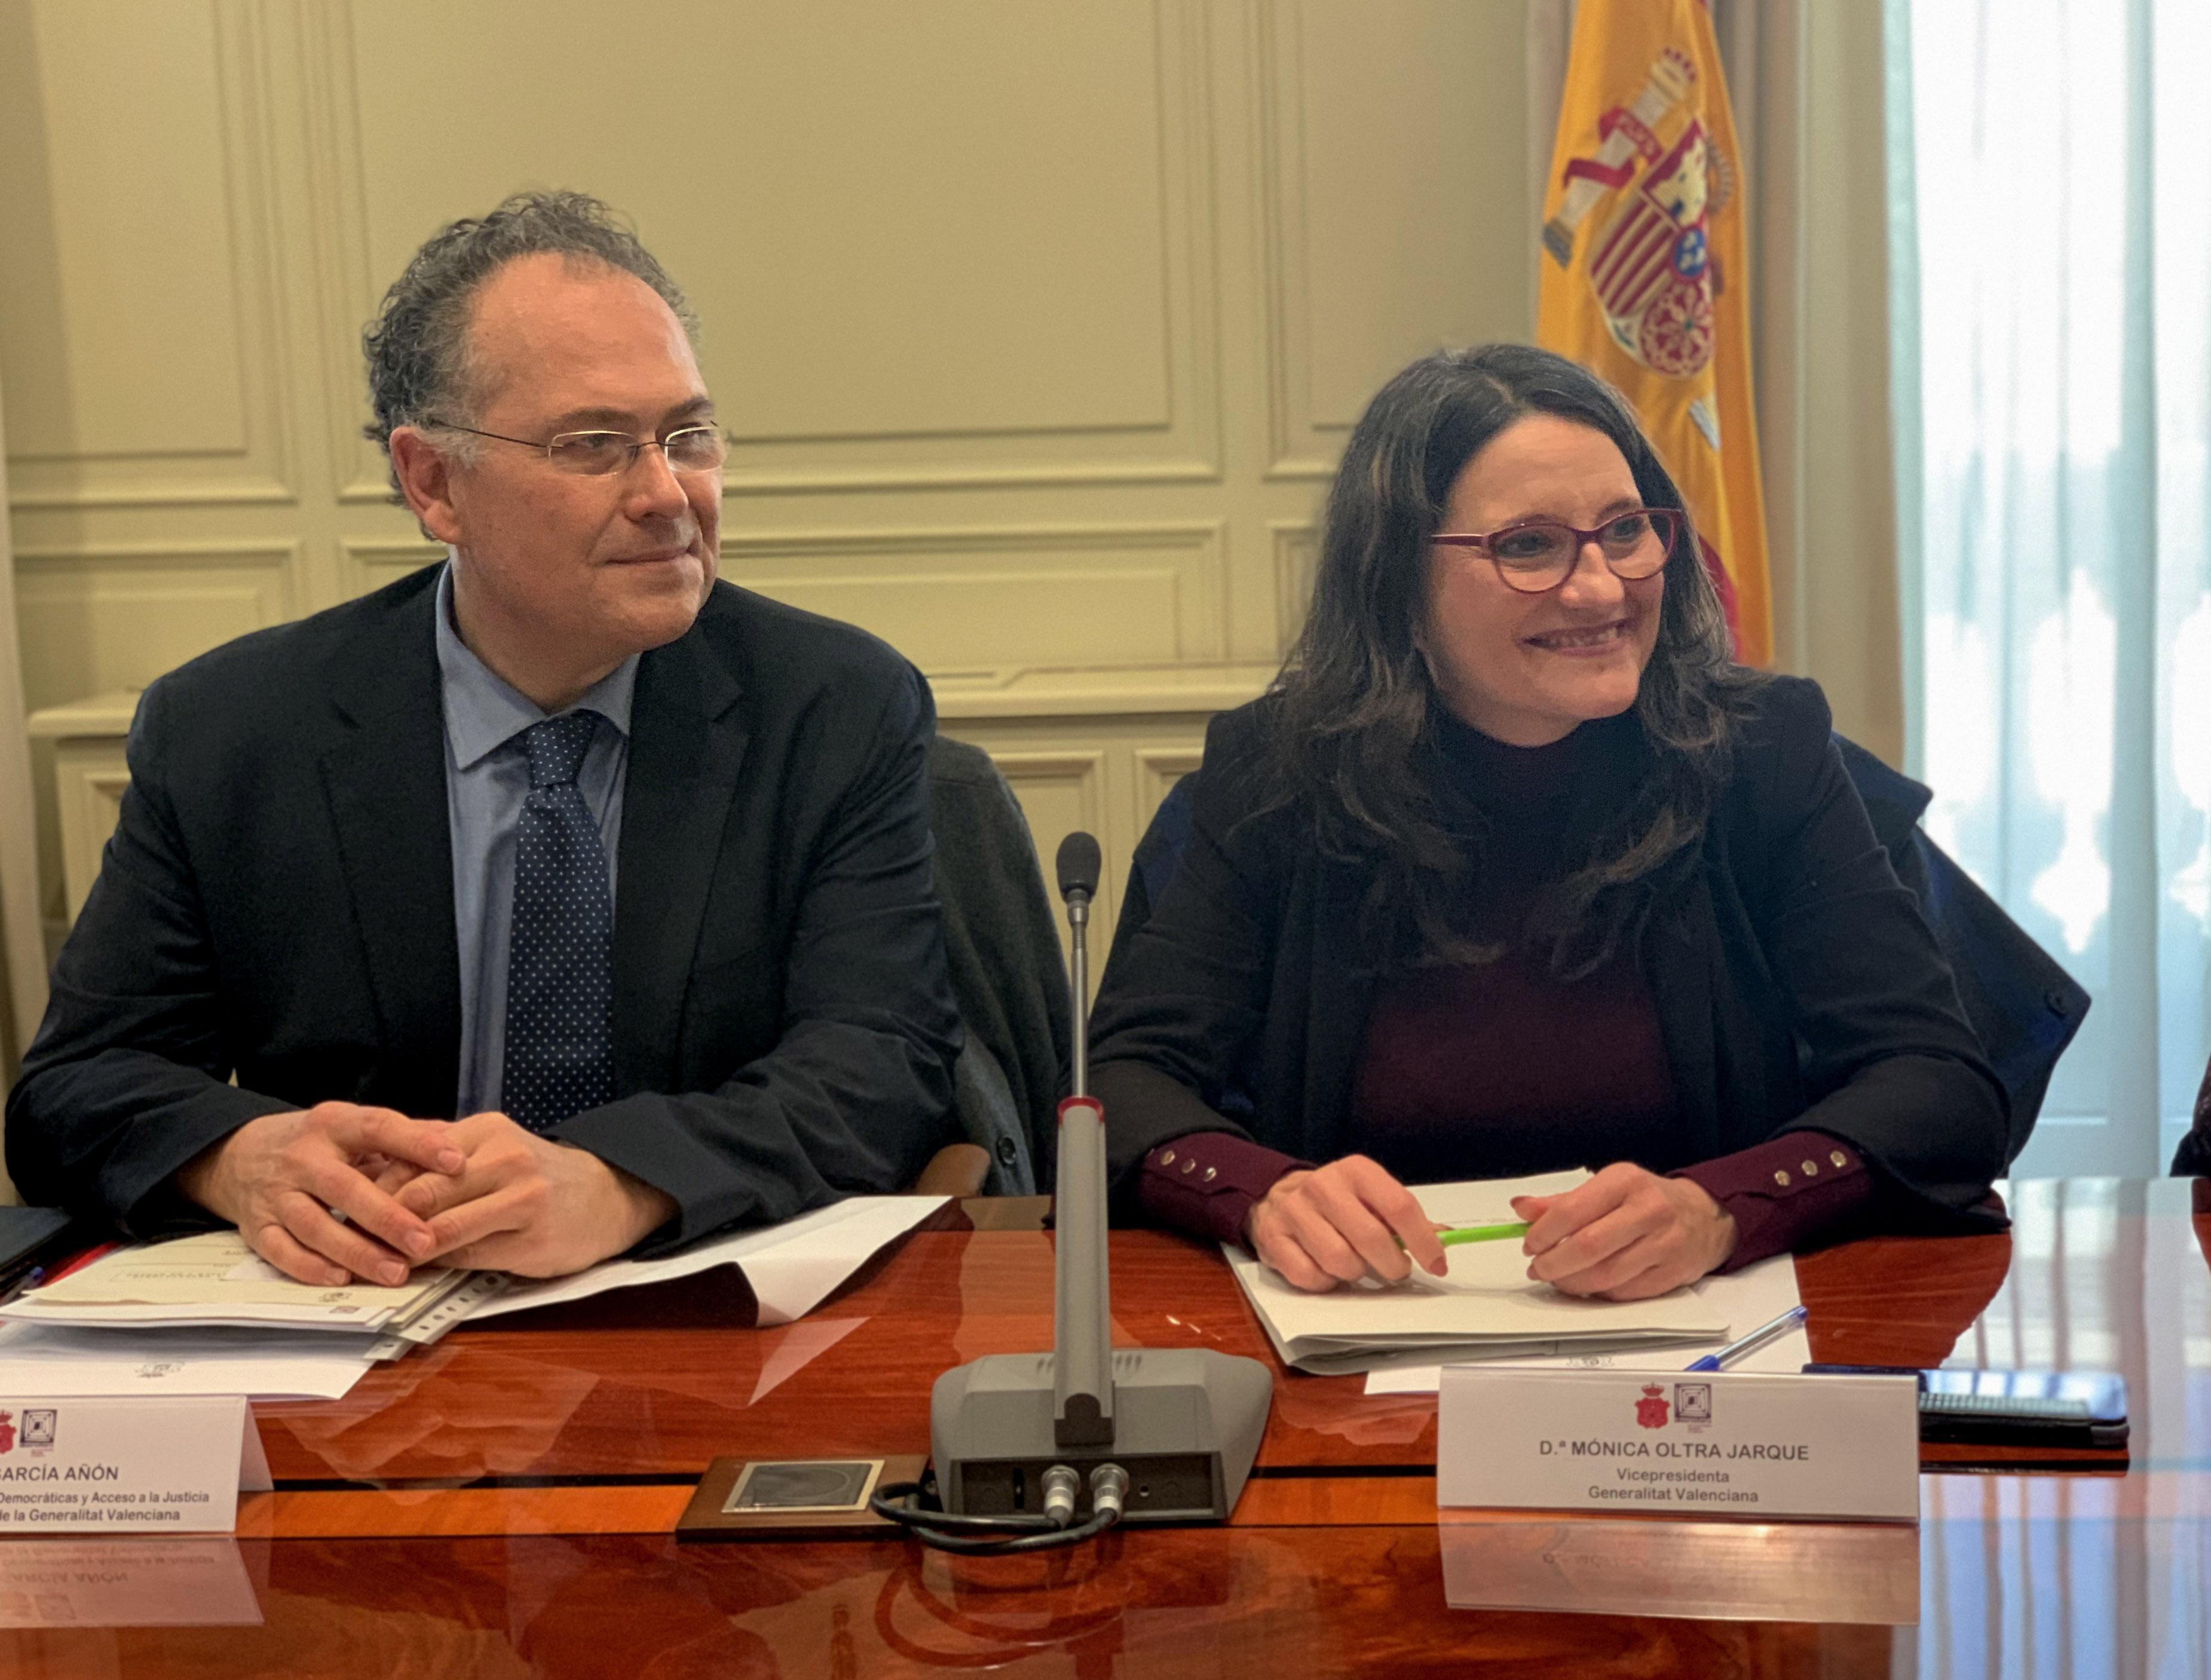 """Oltra: """"La adaptación de la ley valenciana al convenio de Estambul permite considerar la violencia contra las mujeres como una violación de los de..."""